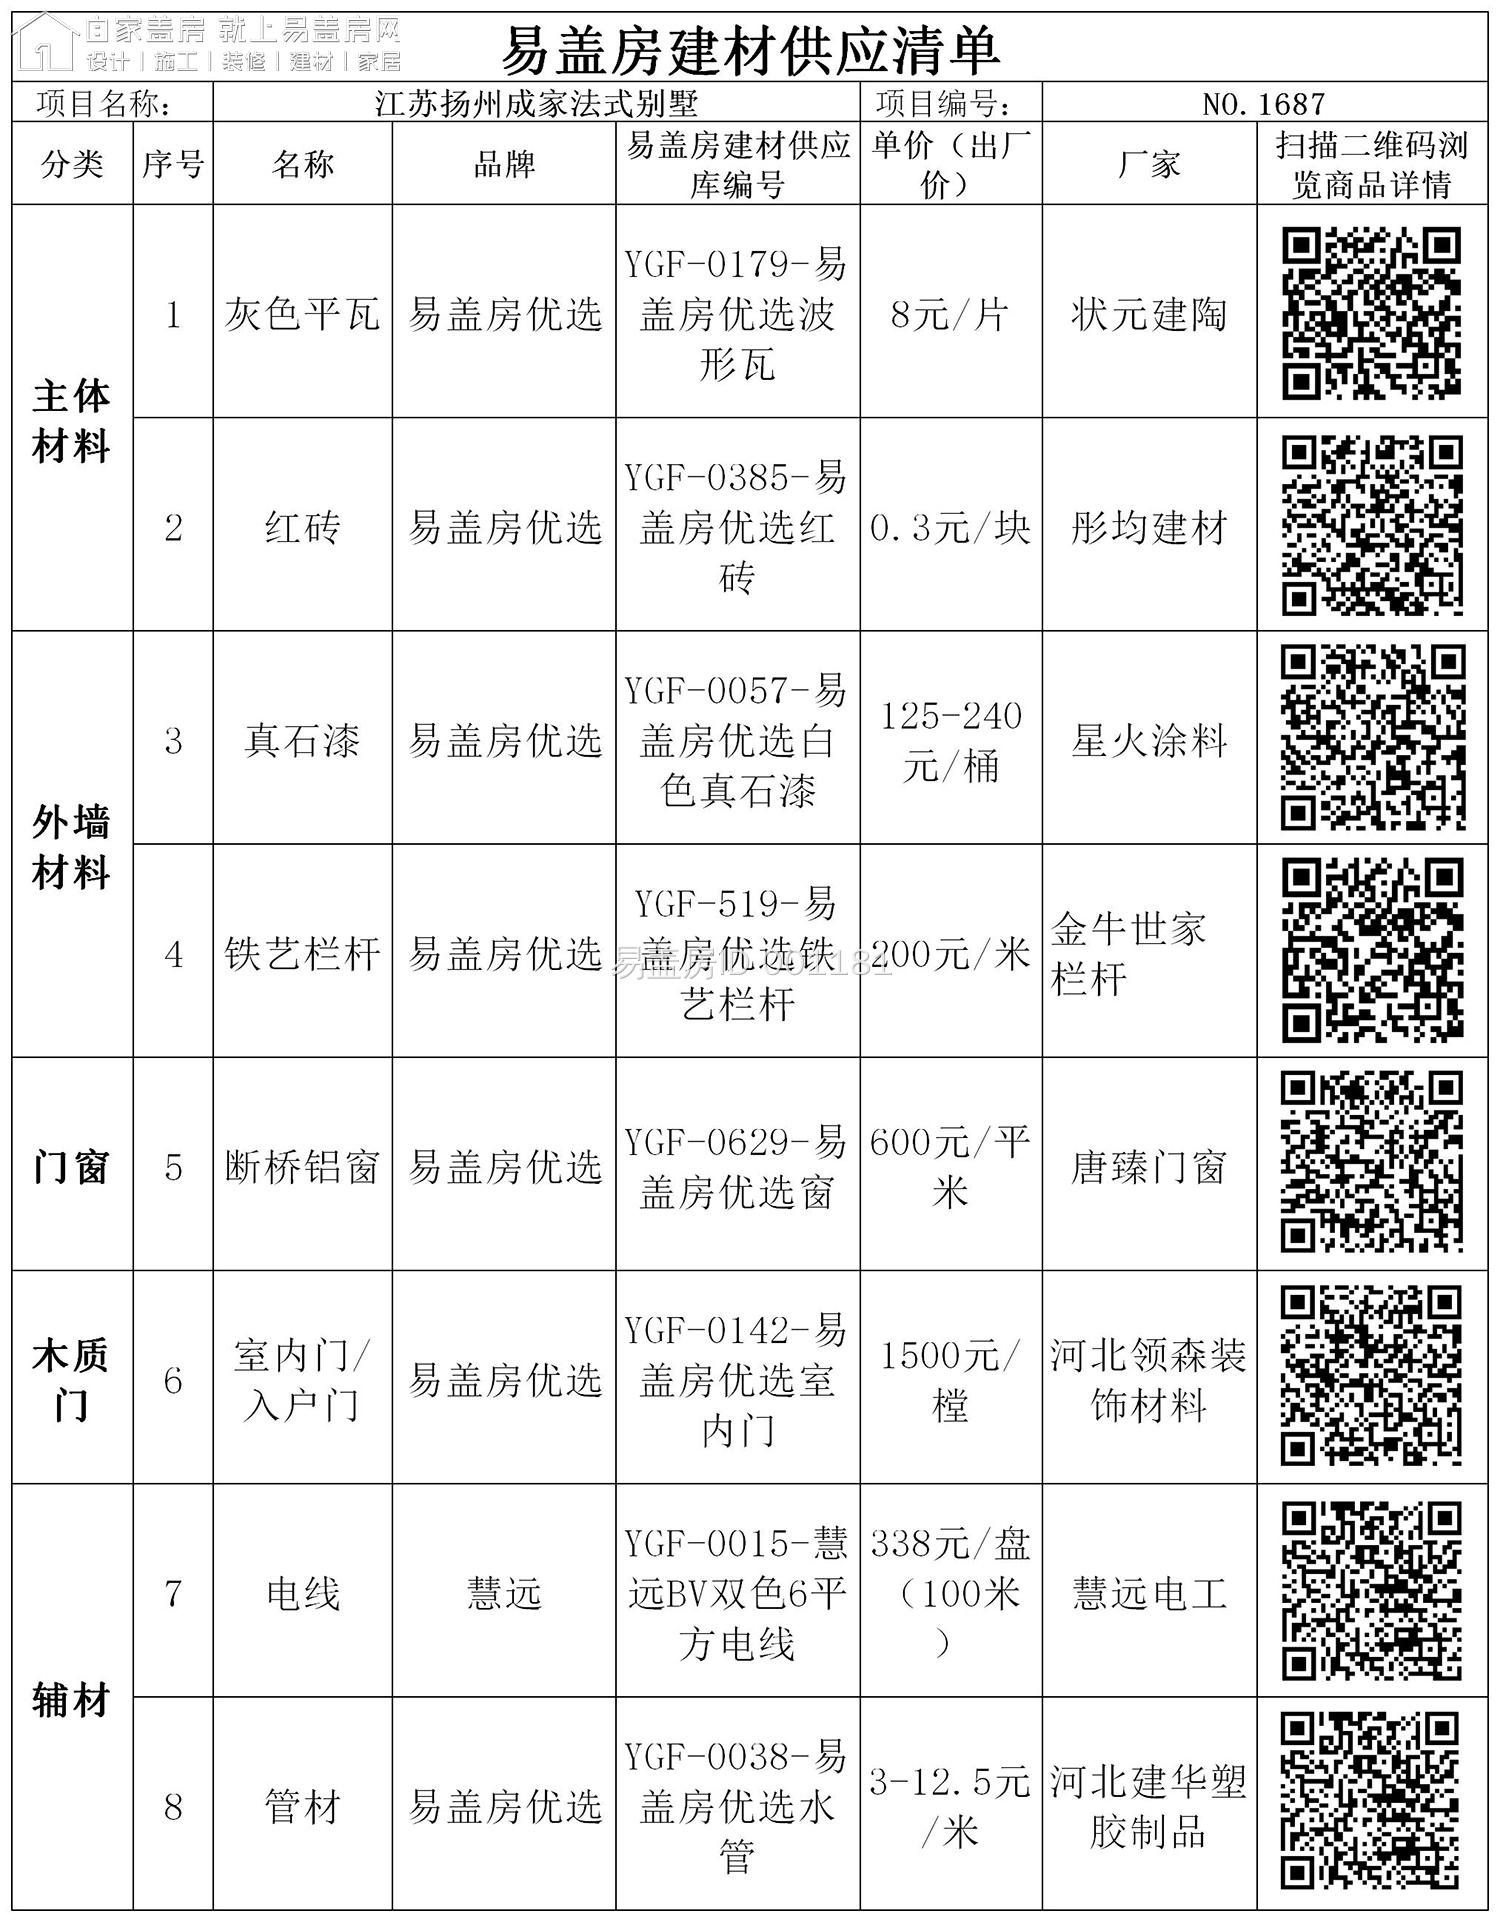 易蓋房建材供應清單- 江蘇揚州成恩澤別墅.jpg